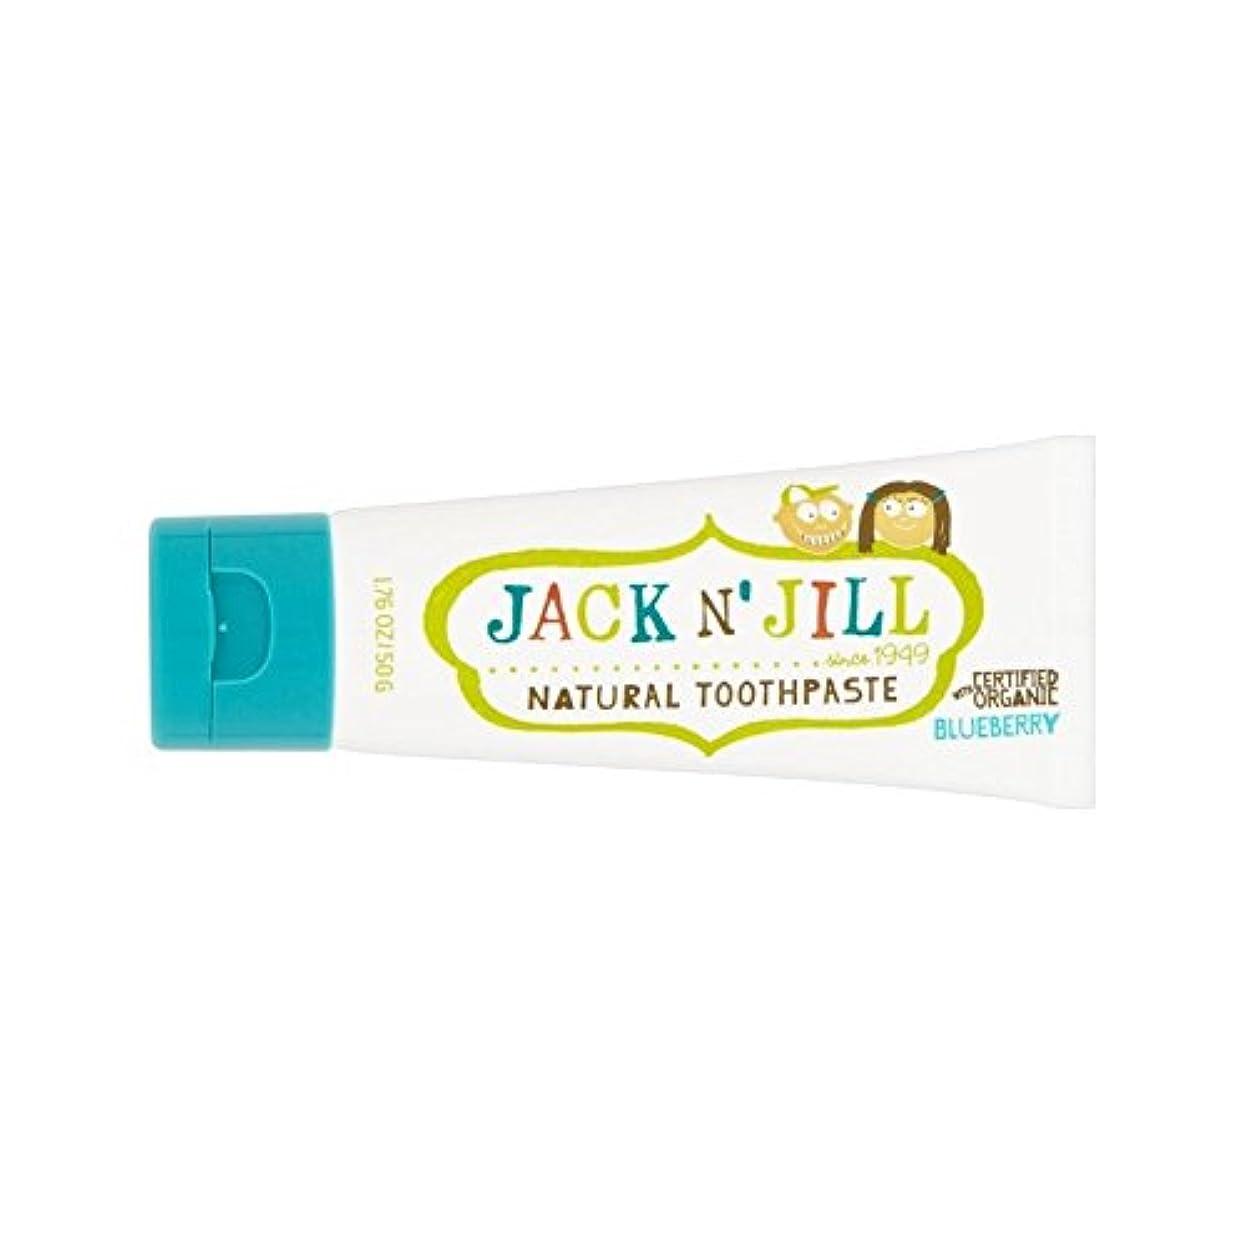 トレイオッズ上昇有機香味50グラムとの自然なブルーベリー歯磨き粉 (Jack N Jill) (x 4) - Jack N' Jill Blueberry Toothpaste Natural with Organic Flavouring...